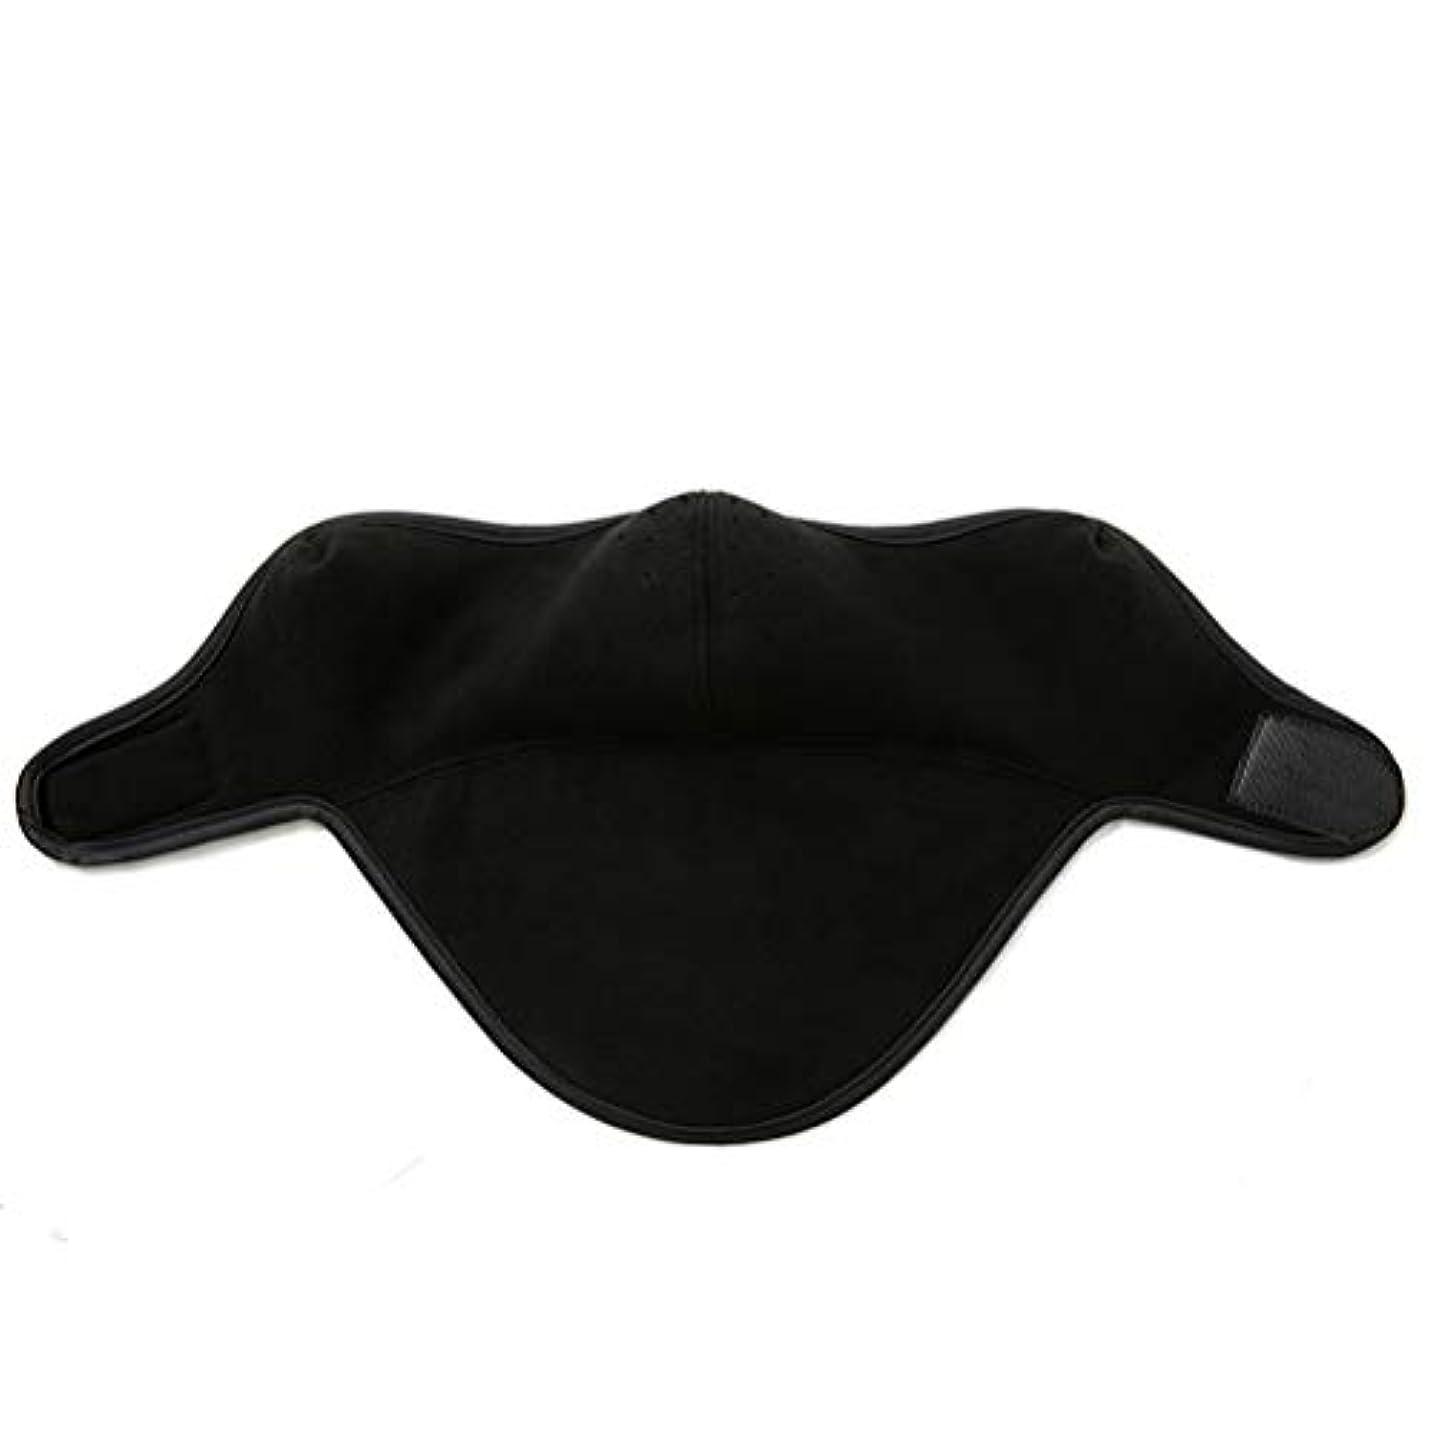 将来のブリッジ路地BSTOPSEL 3 in 1暖かいマスク男女兼用熱通気性マスク防風イヤーマフ